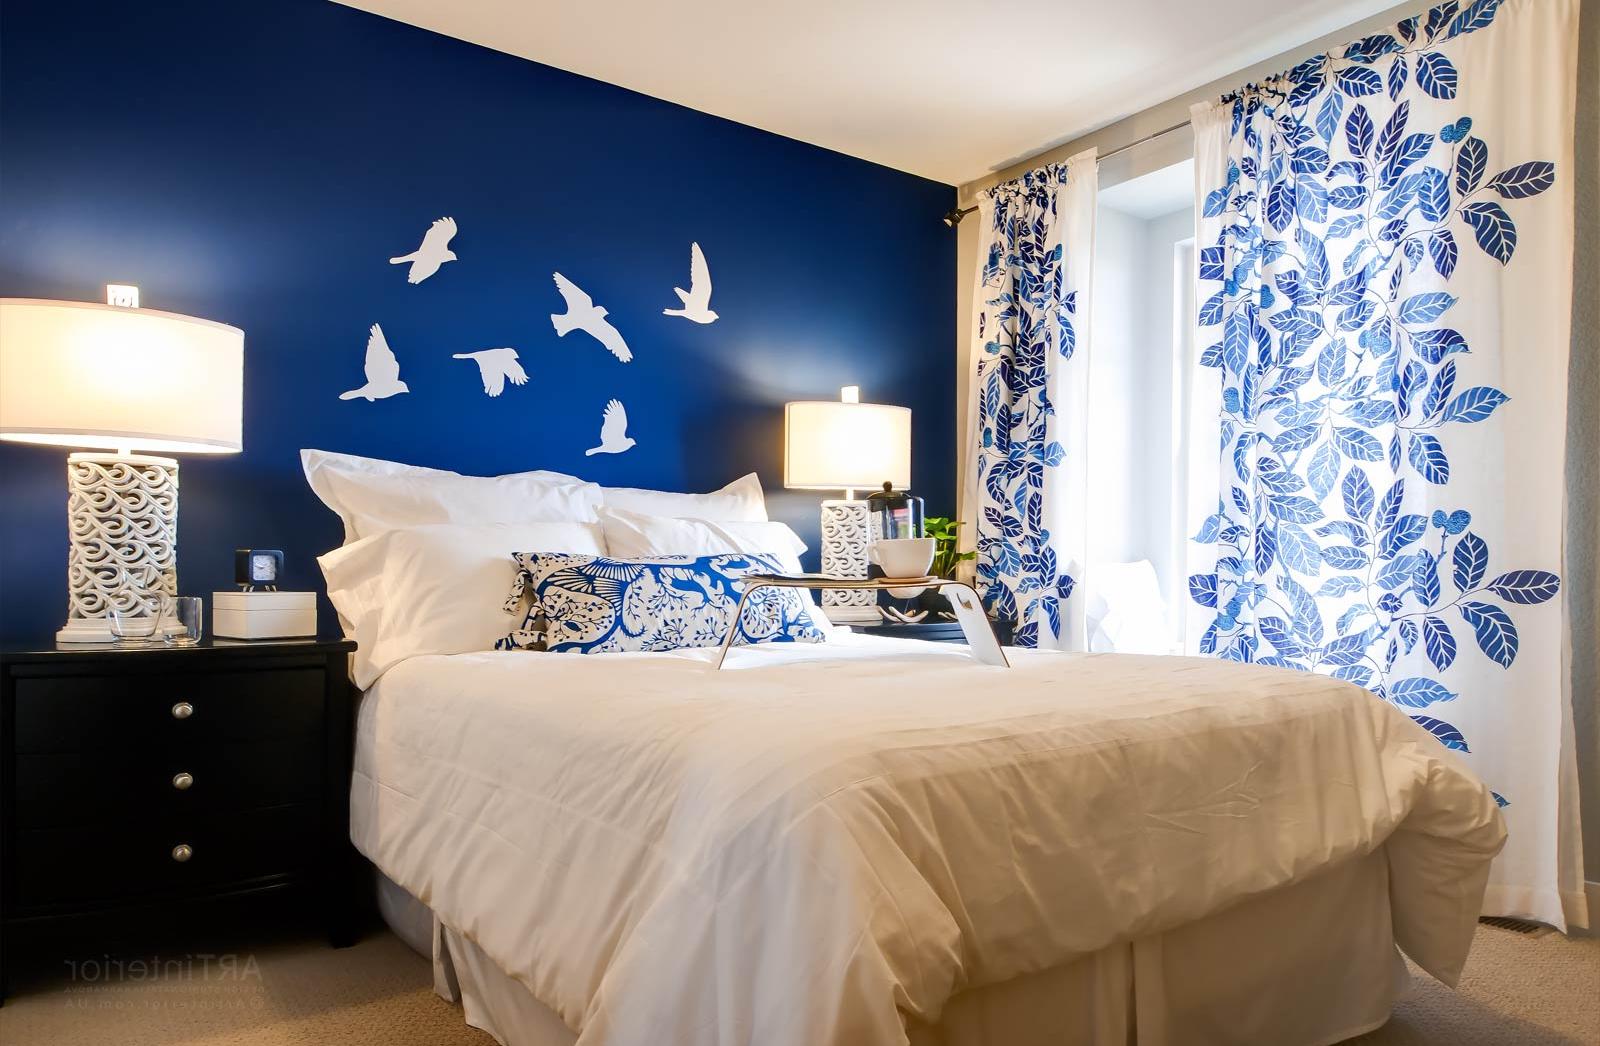 Сине-белая стена и шторы в спальне